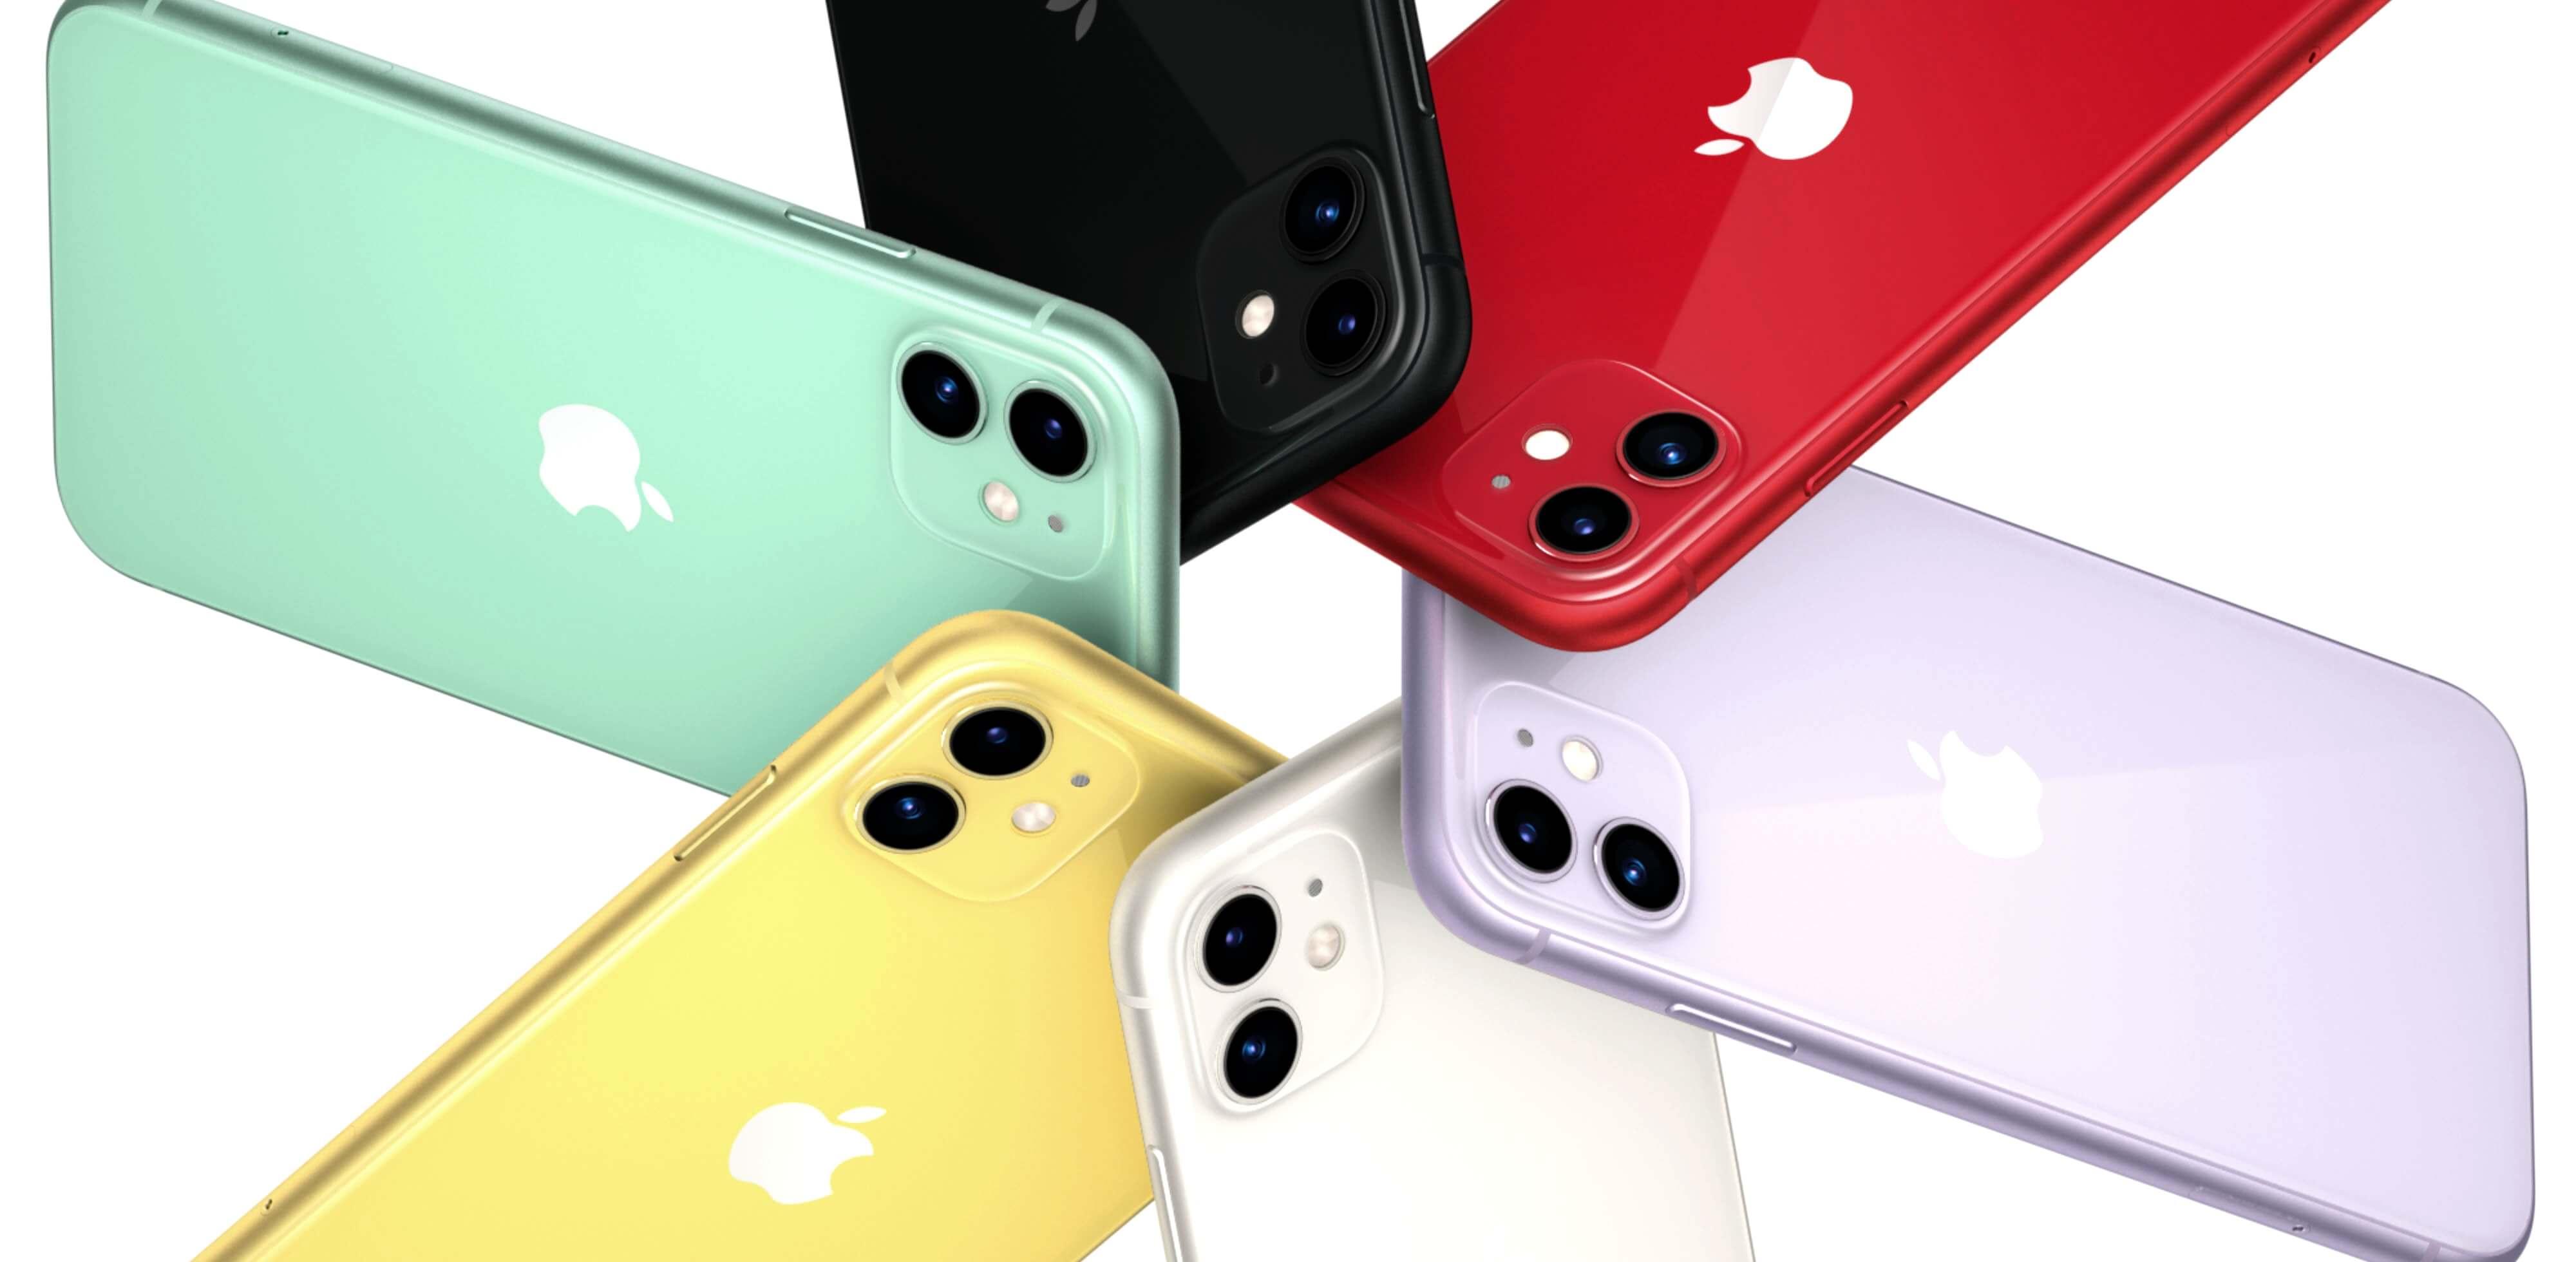 В iOS 14.5 Apple заново откалибрует батареи iPhone 11: из-за ошибки смартфоны начали показывать неправильную максимальную ёмкость